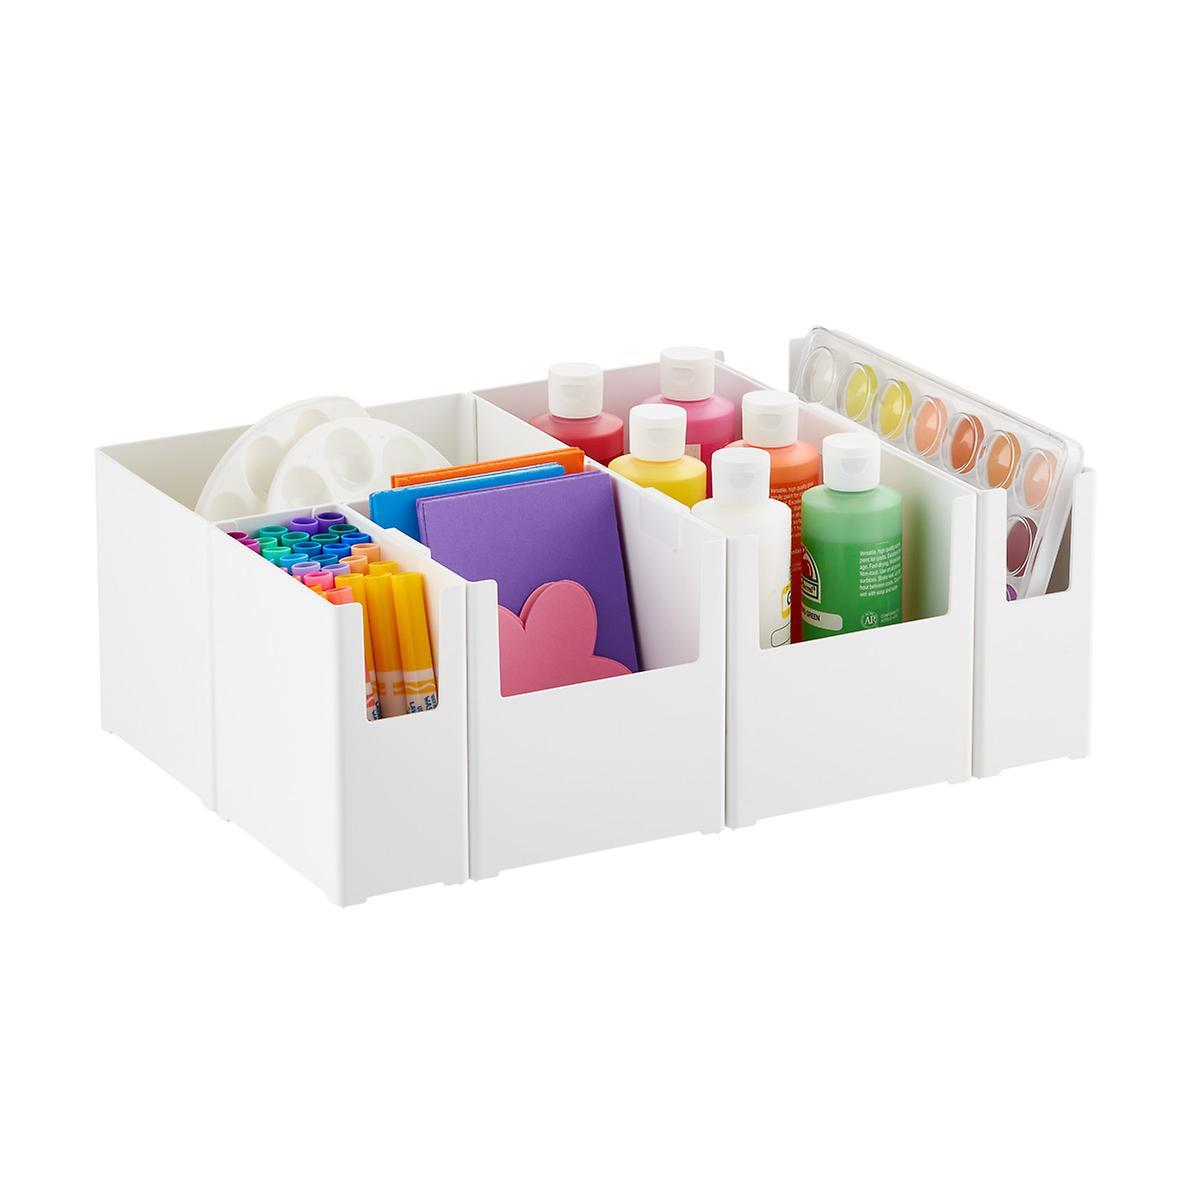 10074058g-like-it-drawer-organizer-w.jpg